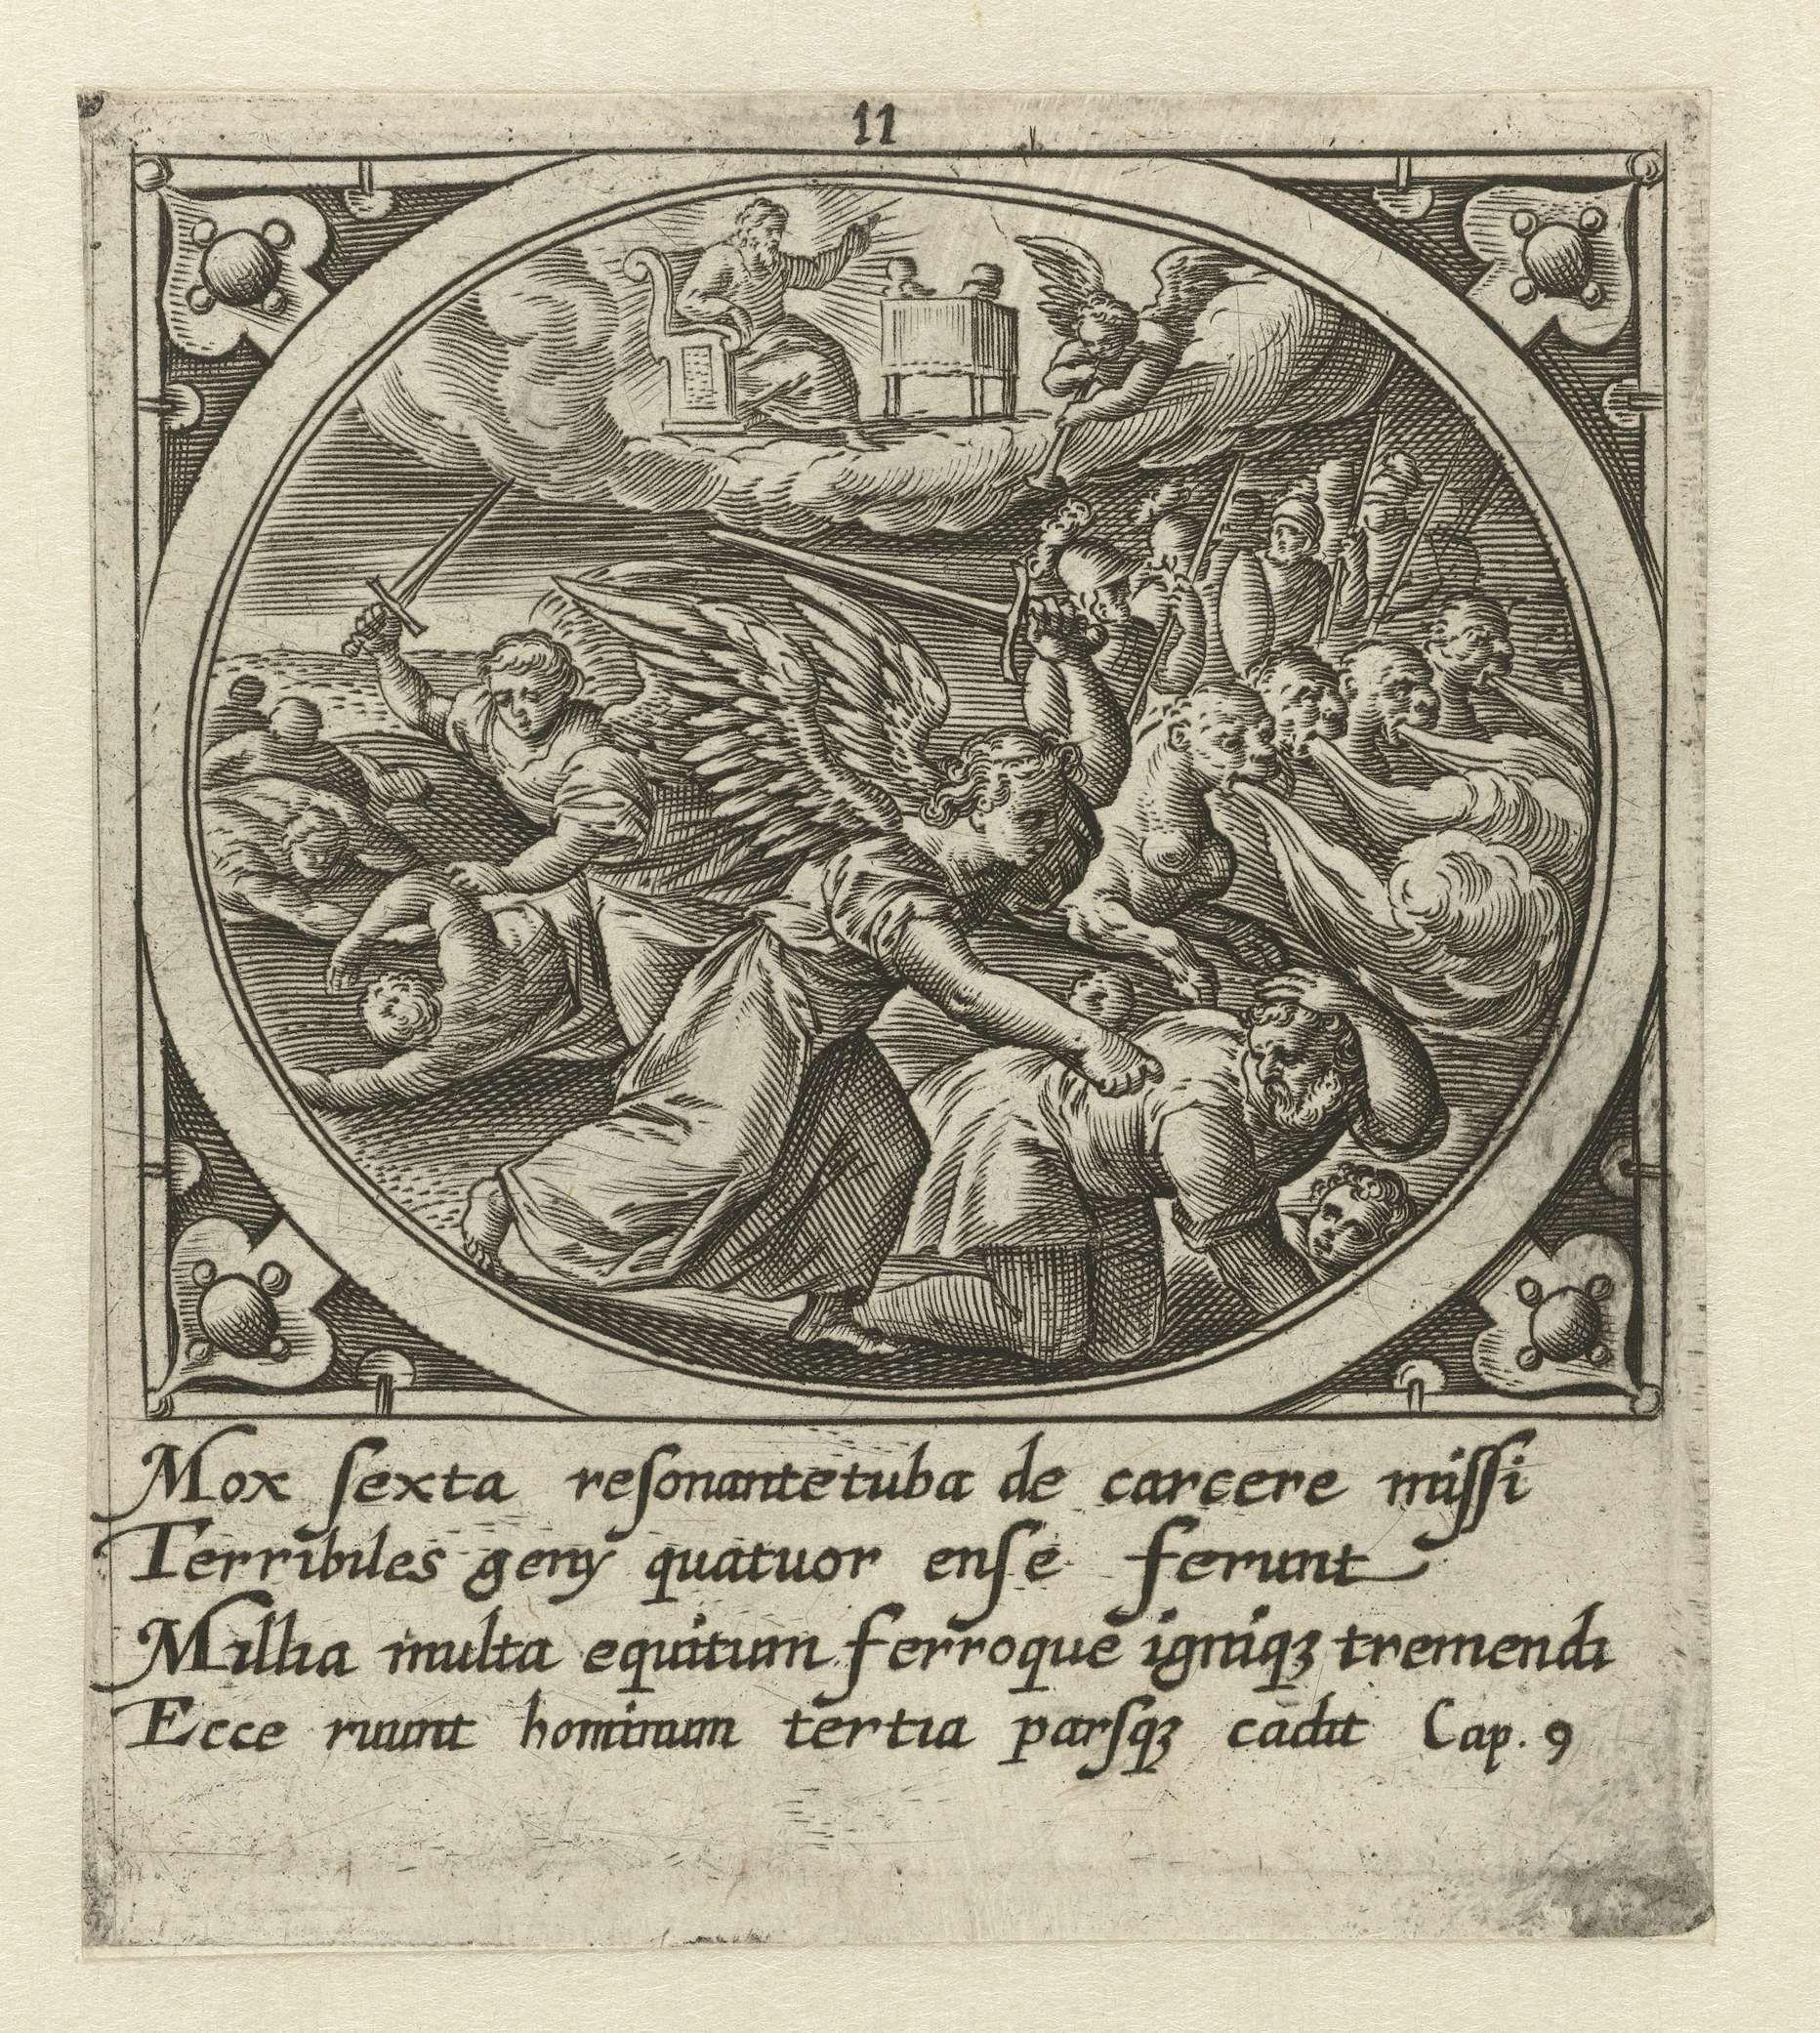 Gerard de Jode | Zesde engel blaast op bazuin, Gerard de Jode, 1585 | De zesde engel blaast op de bazuin. Naast de engel zit God de Vader op zijn troon en staat het gouden altaar met de vier horens waar een stem uitkomt die opdraagt dat de vier engelen die gevangen zitten moeten worden bevrijd. De engelen en de ruiters op paarden met leeuwenkoppen roeien een derde van de mensheid uit. In de marge een vierregelig onderschrift in het Latijn. Elfde prent uit een serie van vierentwintig met de…